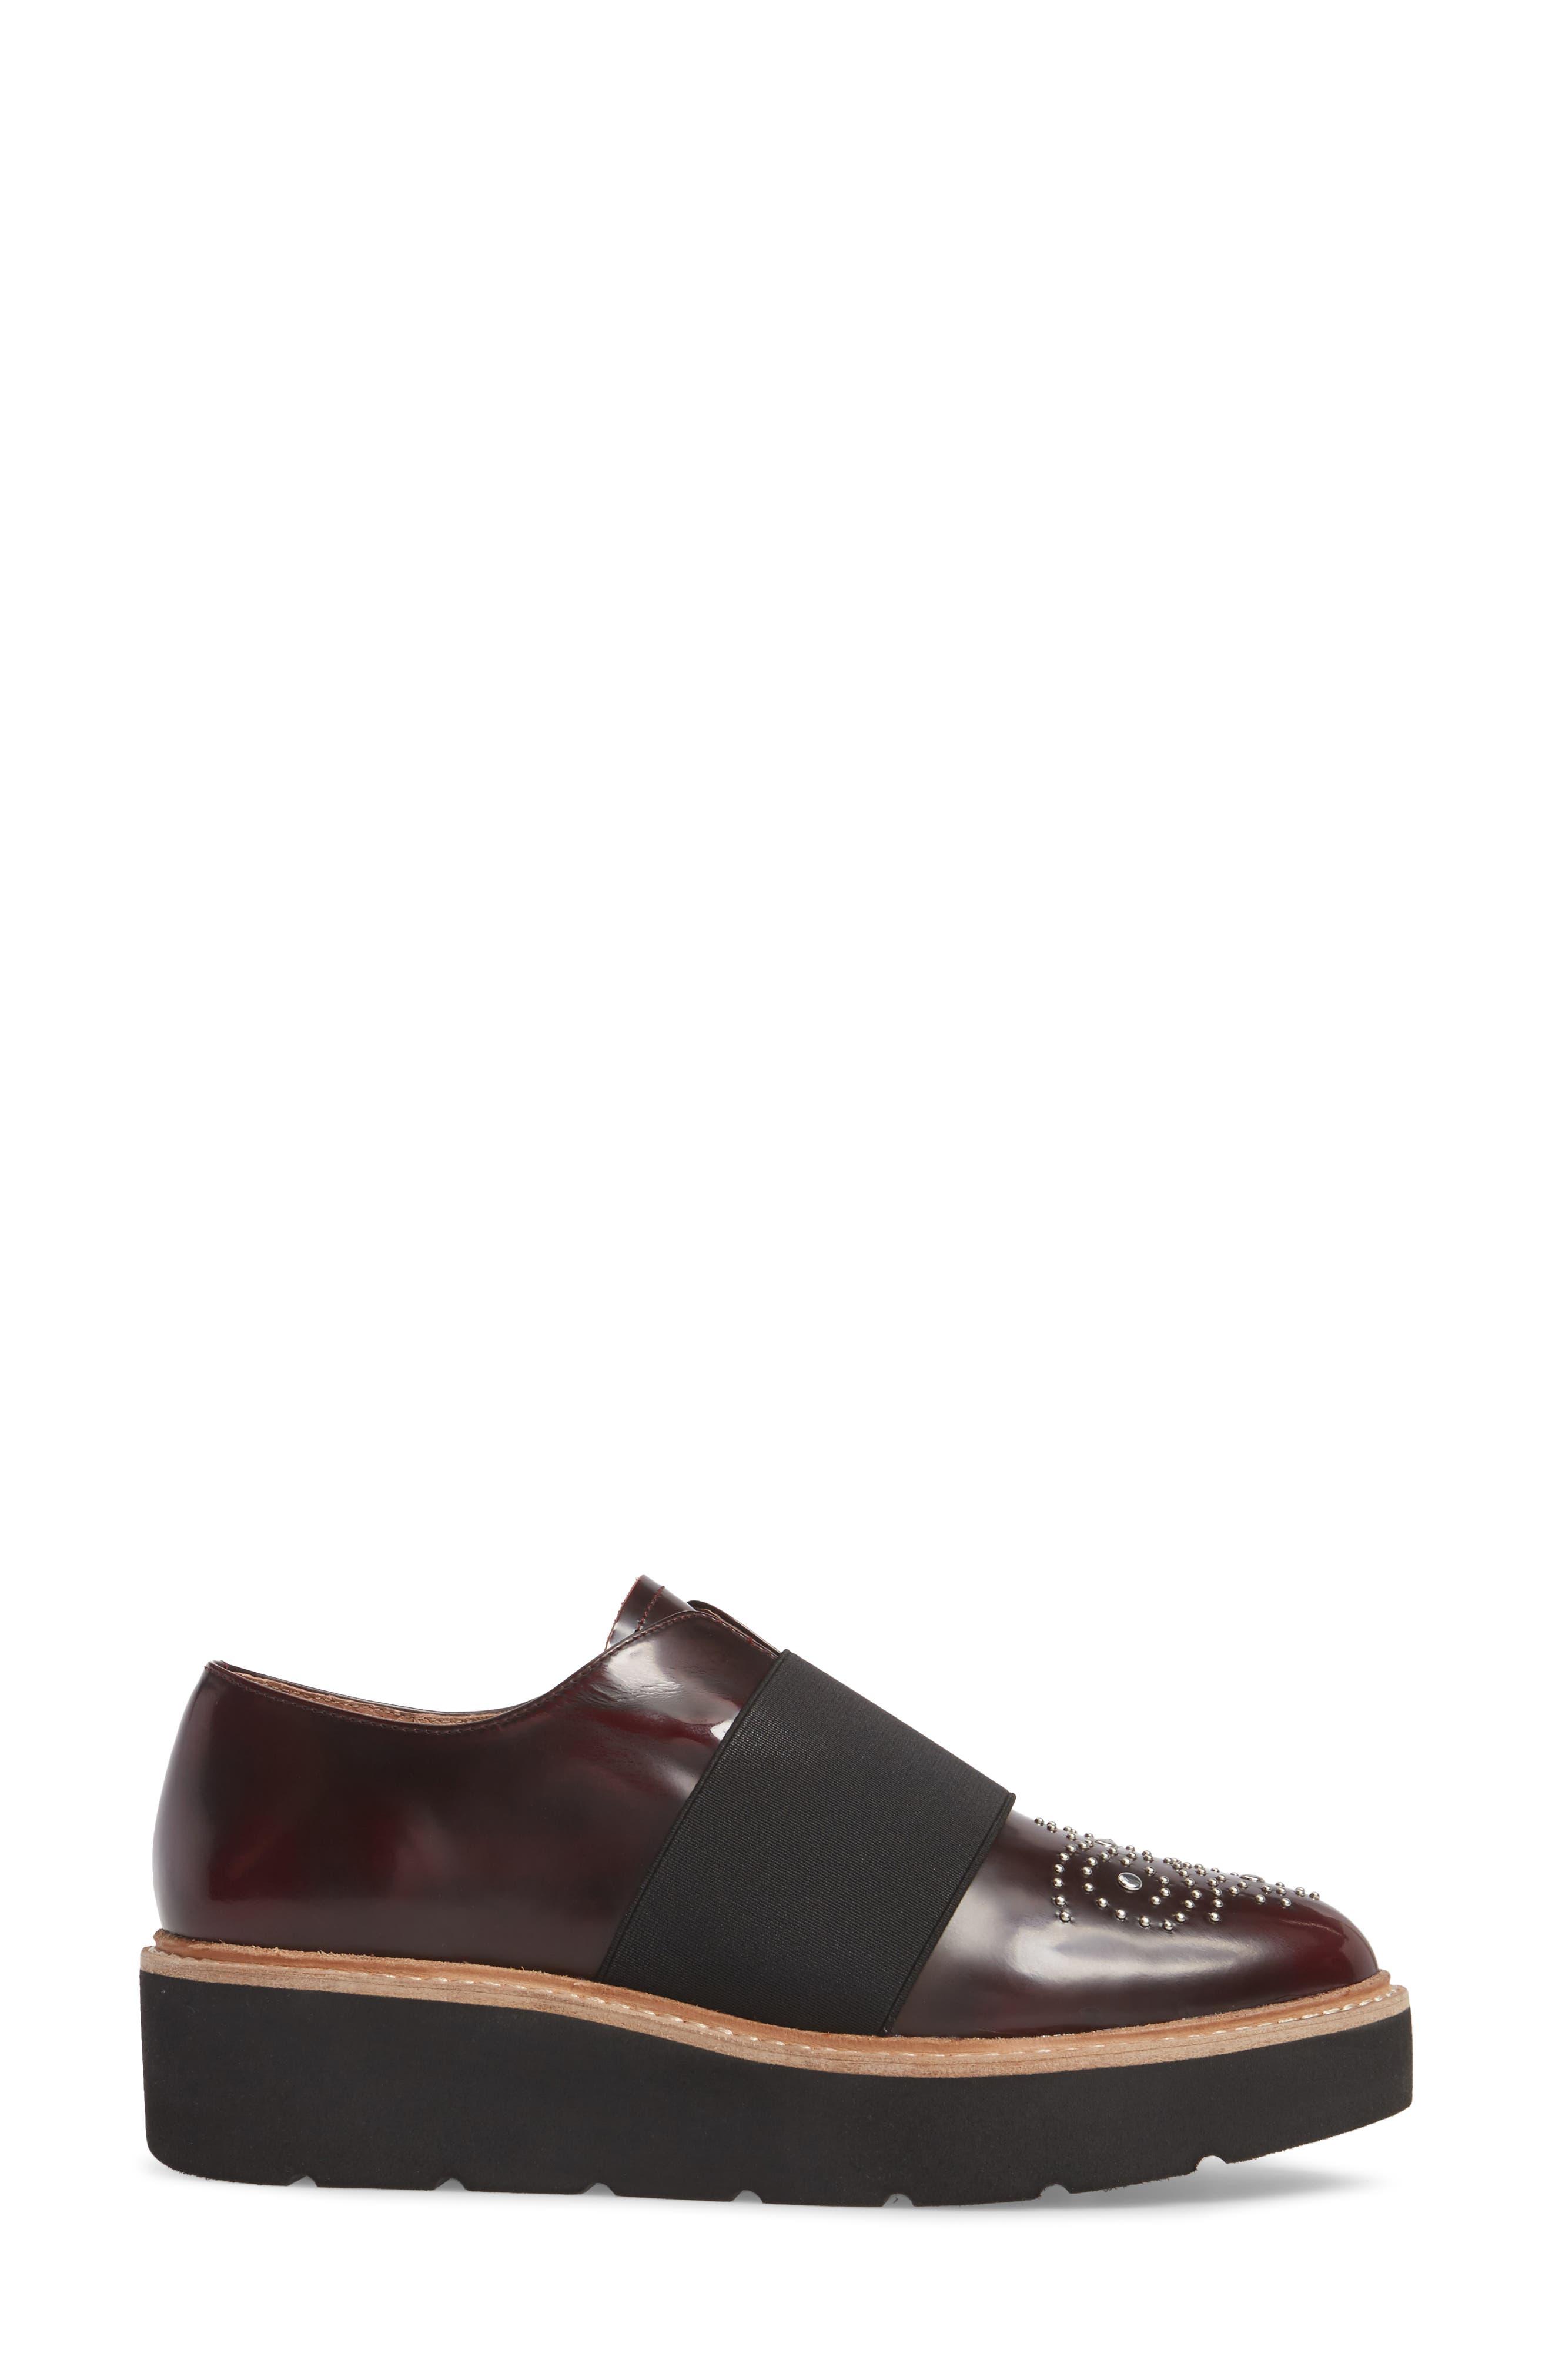 Jenna Platform Loafer,                             Alternate thumbnail 3, color,                             Burgundy Leather